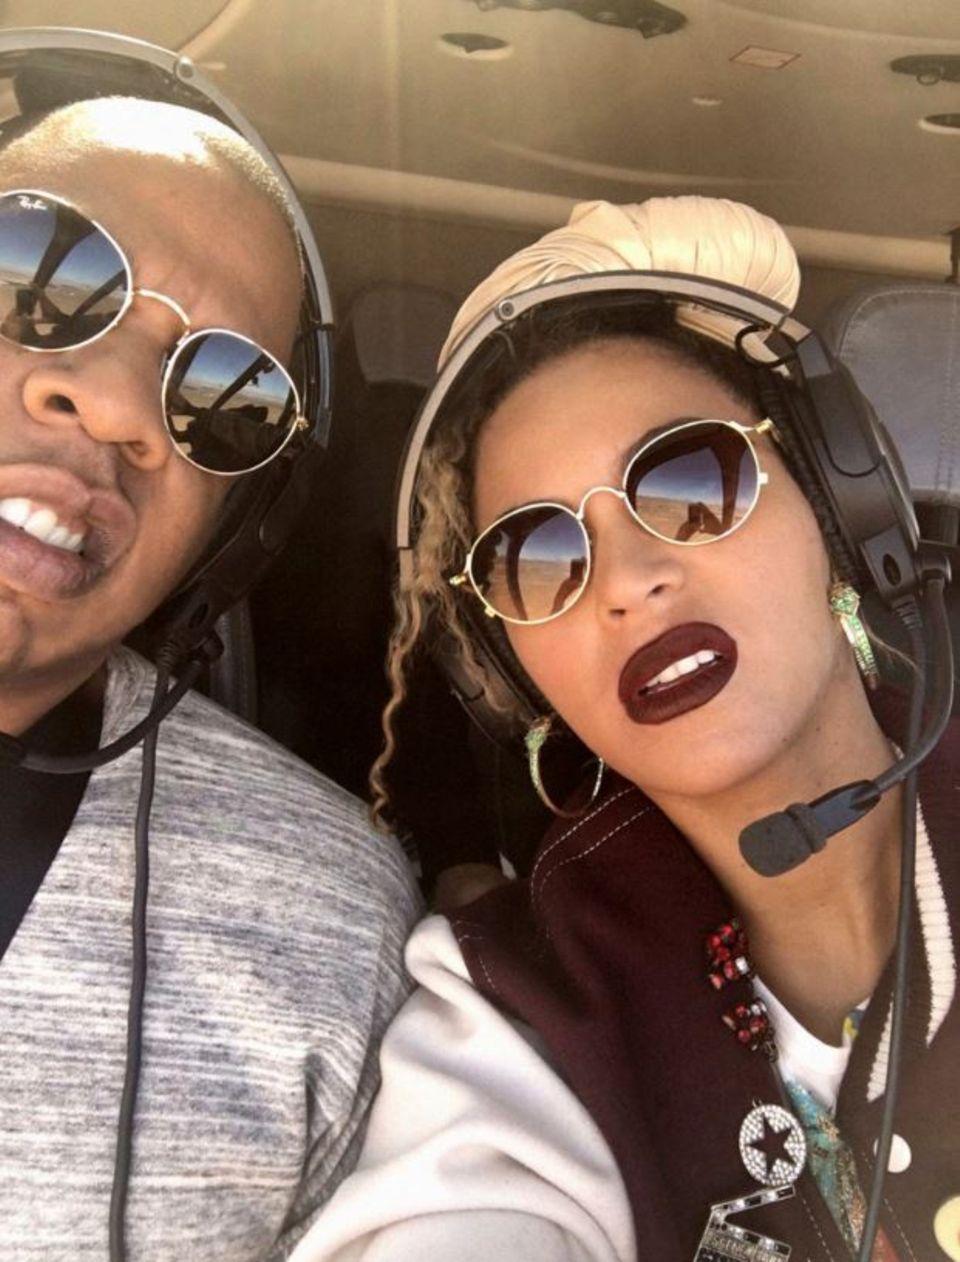 4. April 2017  Eines der reichsten Paare der Welt geht zu so einem besonderen Anlass natürlich nicht einfach nur Essen. Zu ihrem 9. Hochzeitstag haben sich Beyonce Knowles und Jay Z nämlich per Hubschrauber an einen romantischen Ort fliegen lassen...